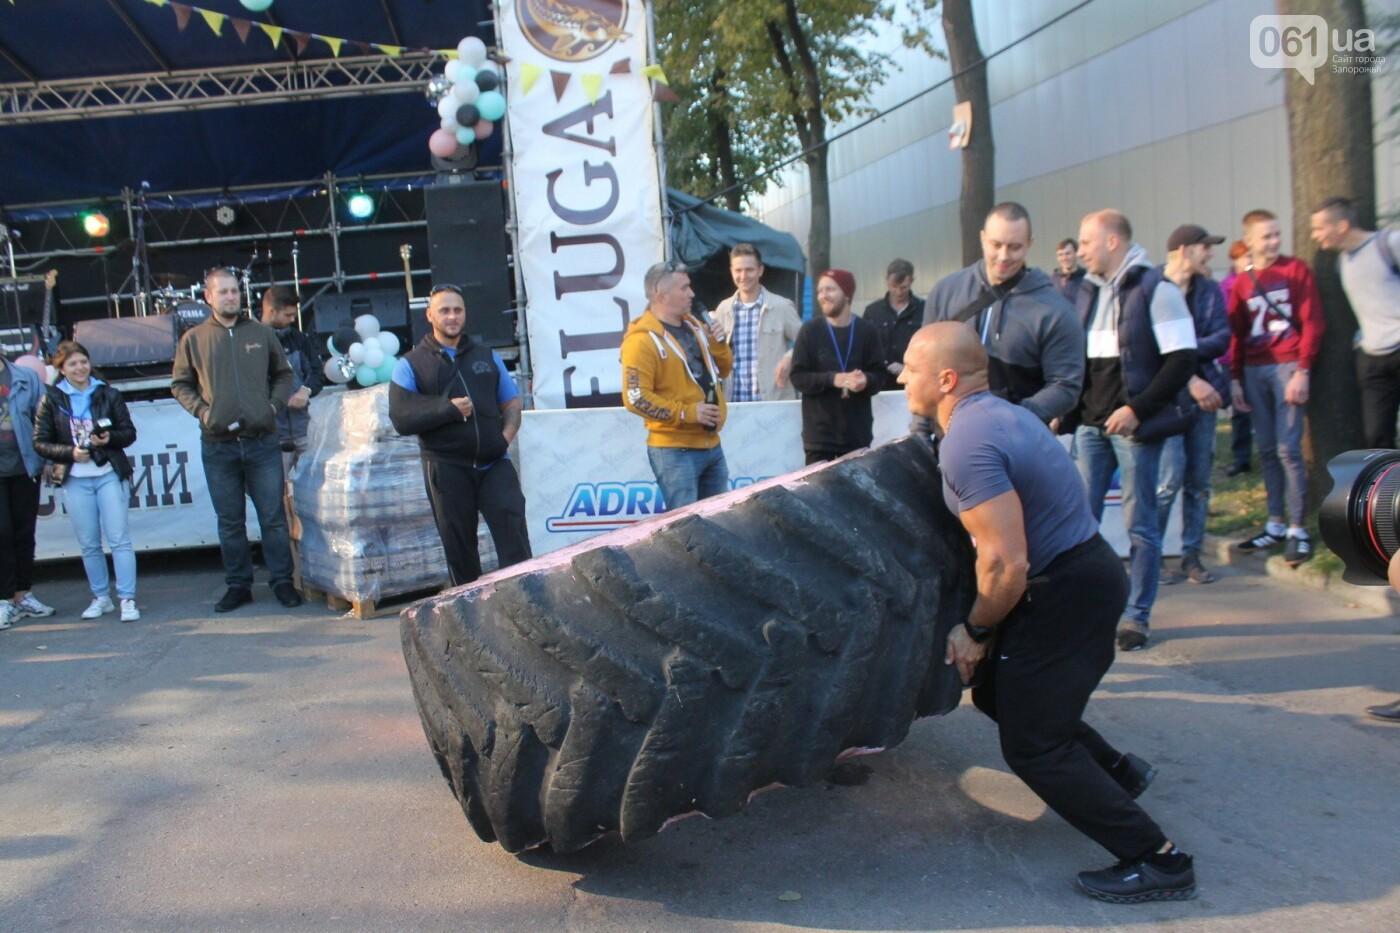 Как в Запорожье прошел пивной фестиваль «Beluga Beer fest», – ФОТОРЕПОРТАЖ, фото-47